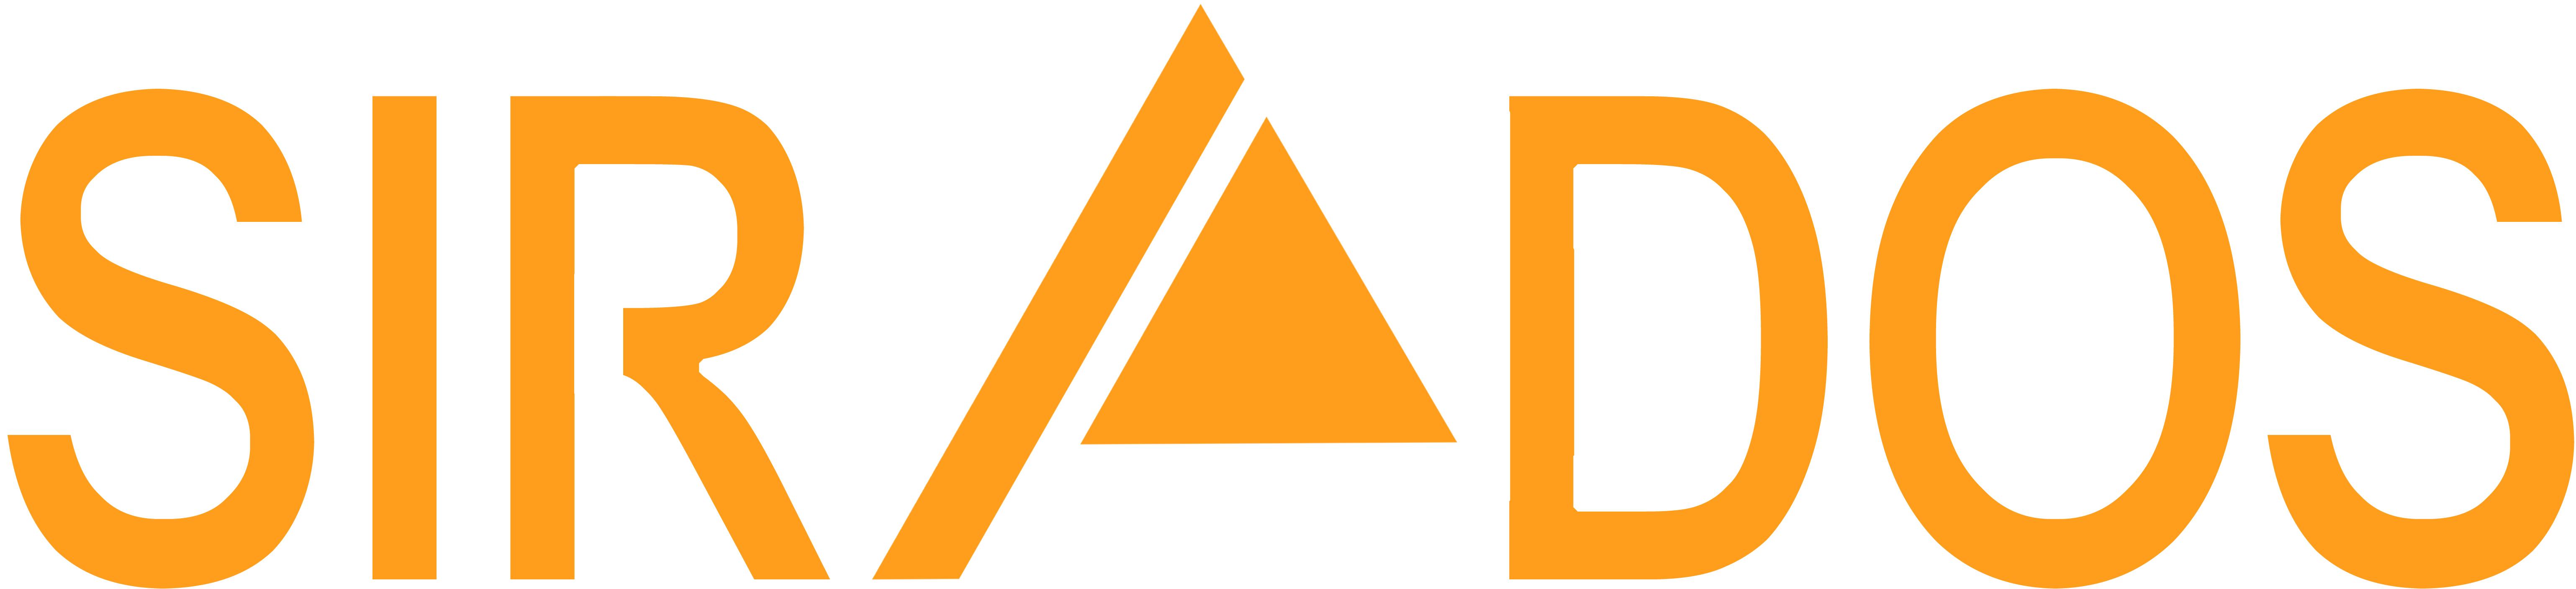 SIRADOS Baudaten Logo